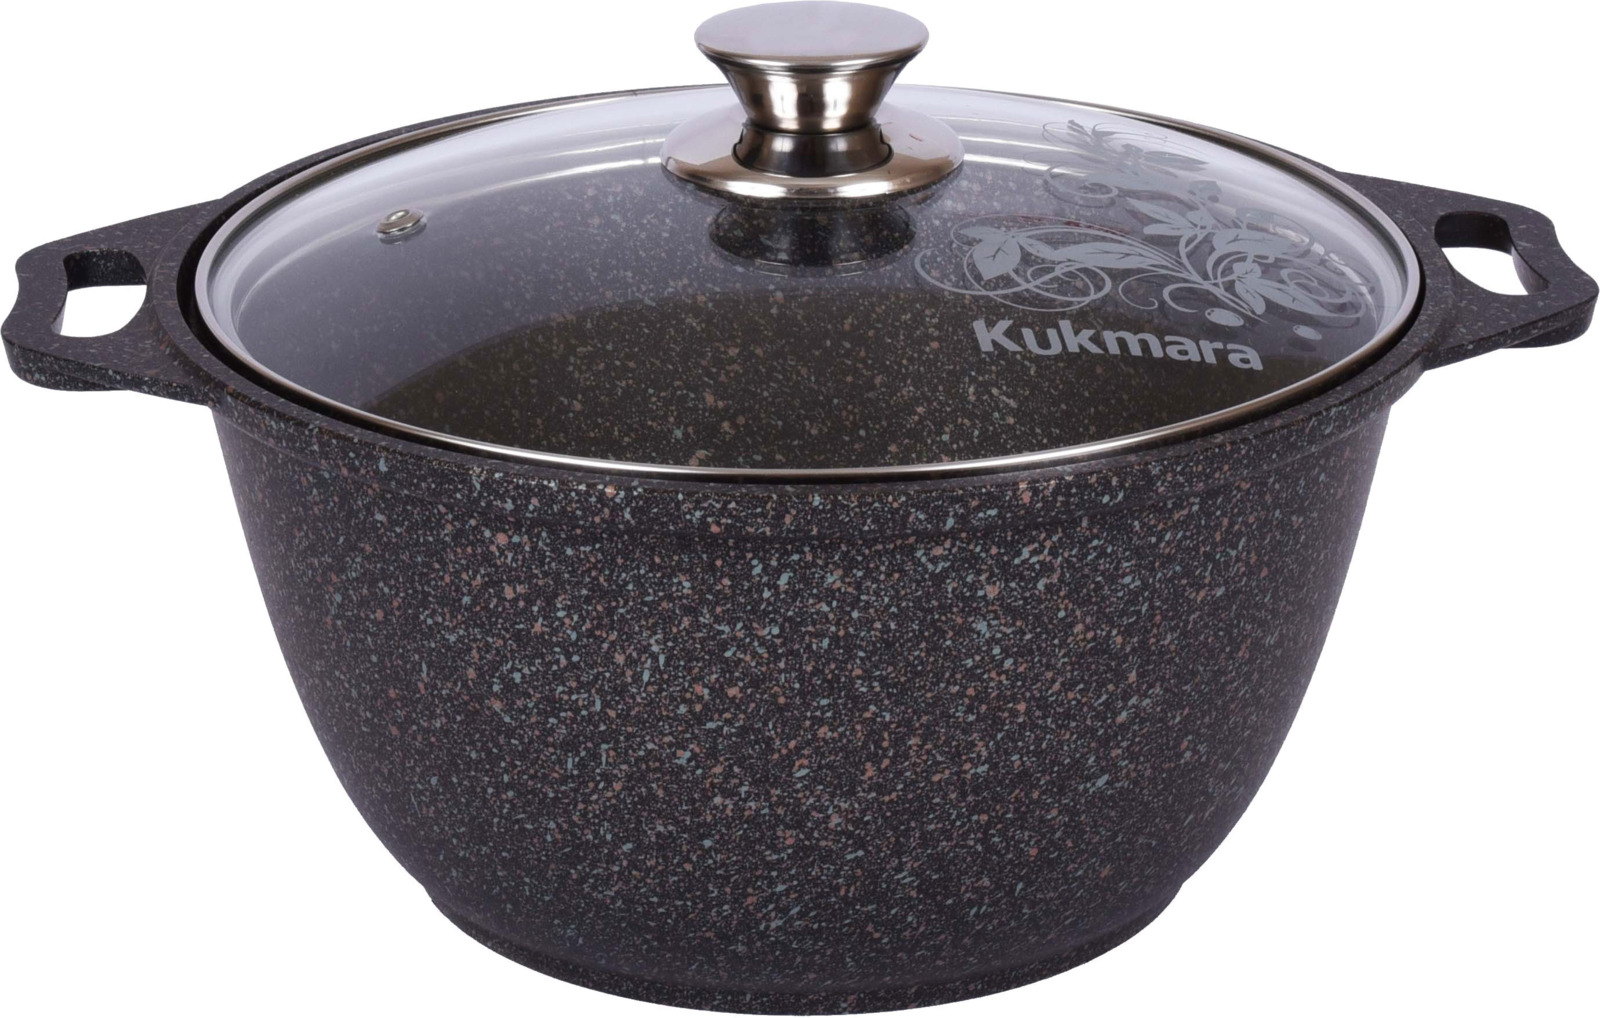 Кастрюля Kukmara Granit ultra, с мраморным антипригарным покрытием, с крышкой, цвет: темно-серый, 3 л кастрюля kukmara с крышкой с антипригарным покрытием цвет темный мрамор 3 л